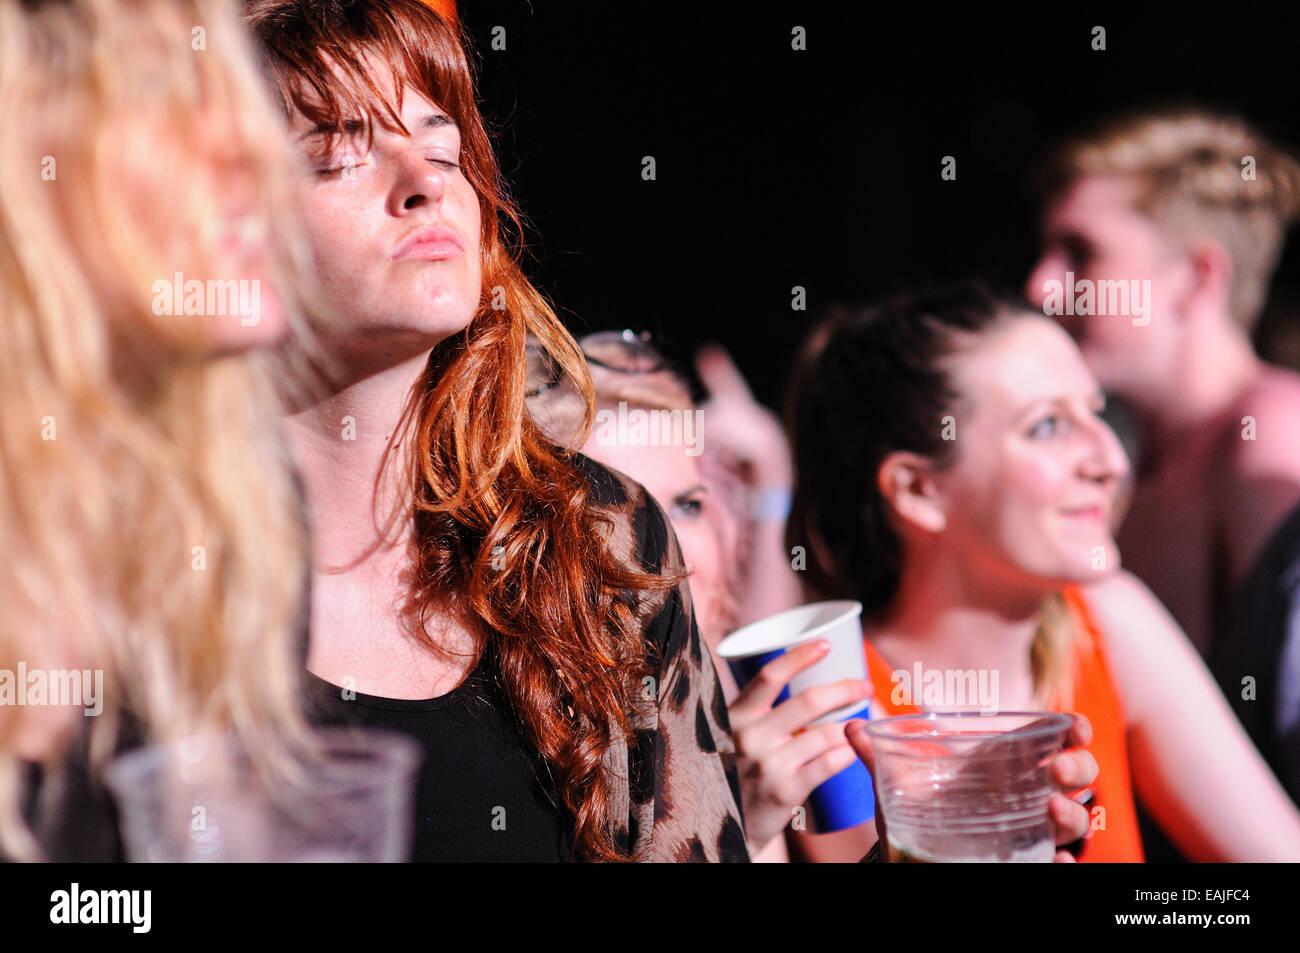 Redhead Event Imágenes De Stock & Redhead Event Fotos De Stock - Alamy